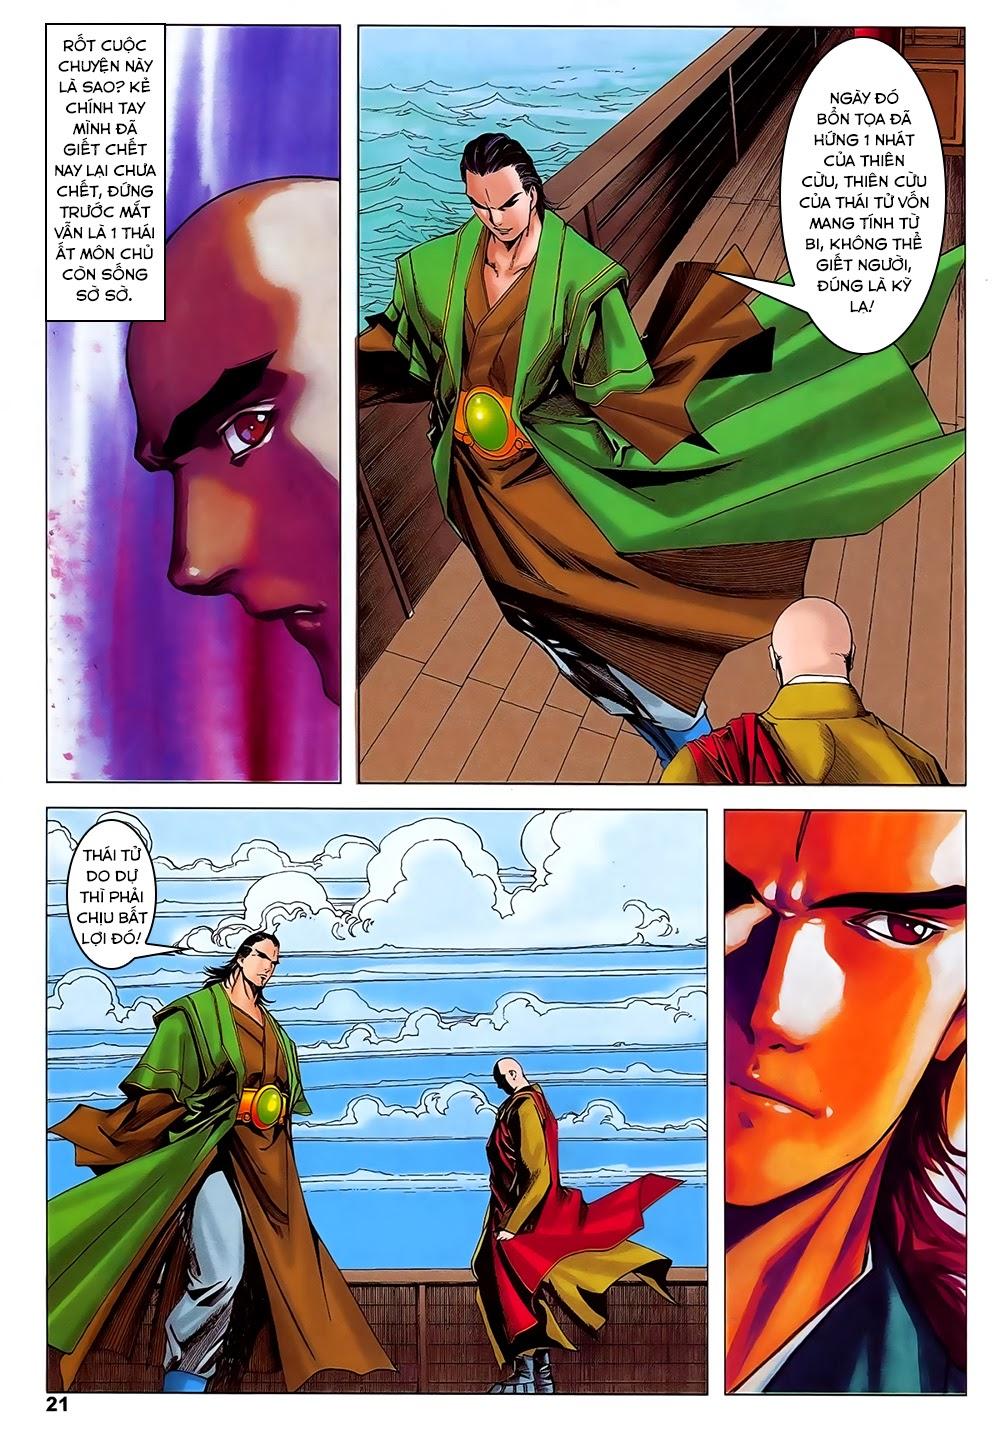 Lục Đạo Thiên Thư chap 31 - Trang 21